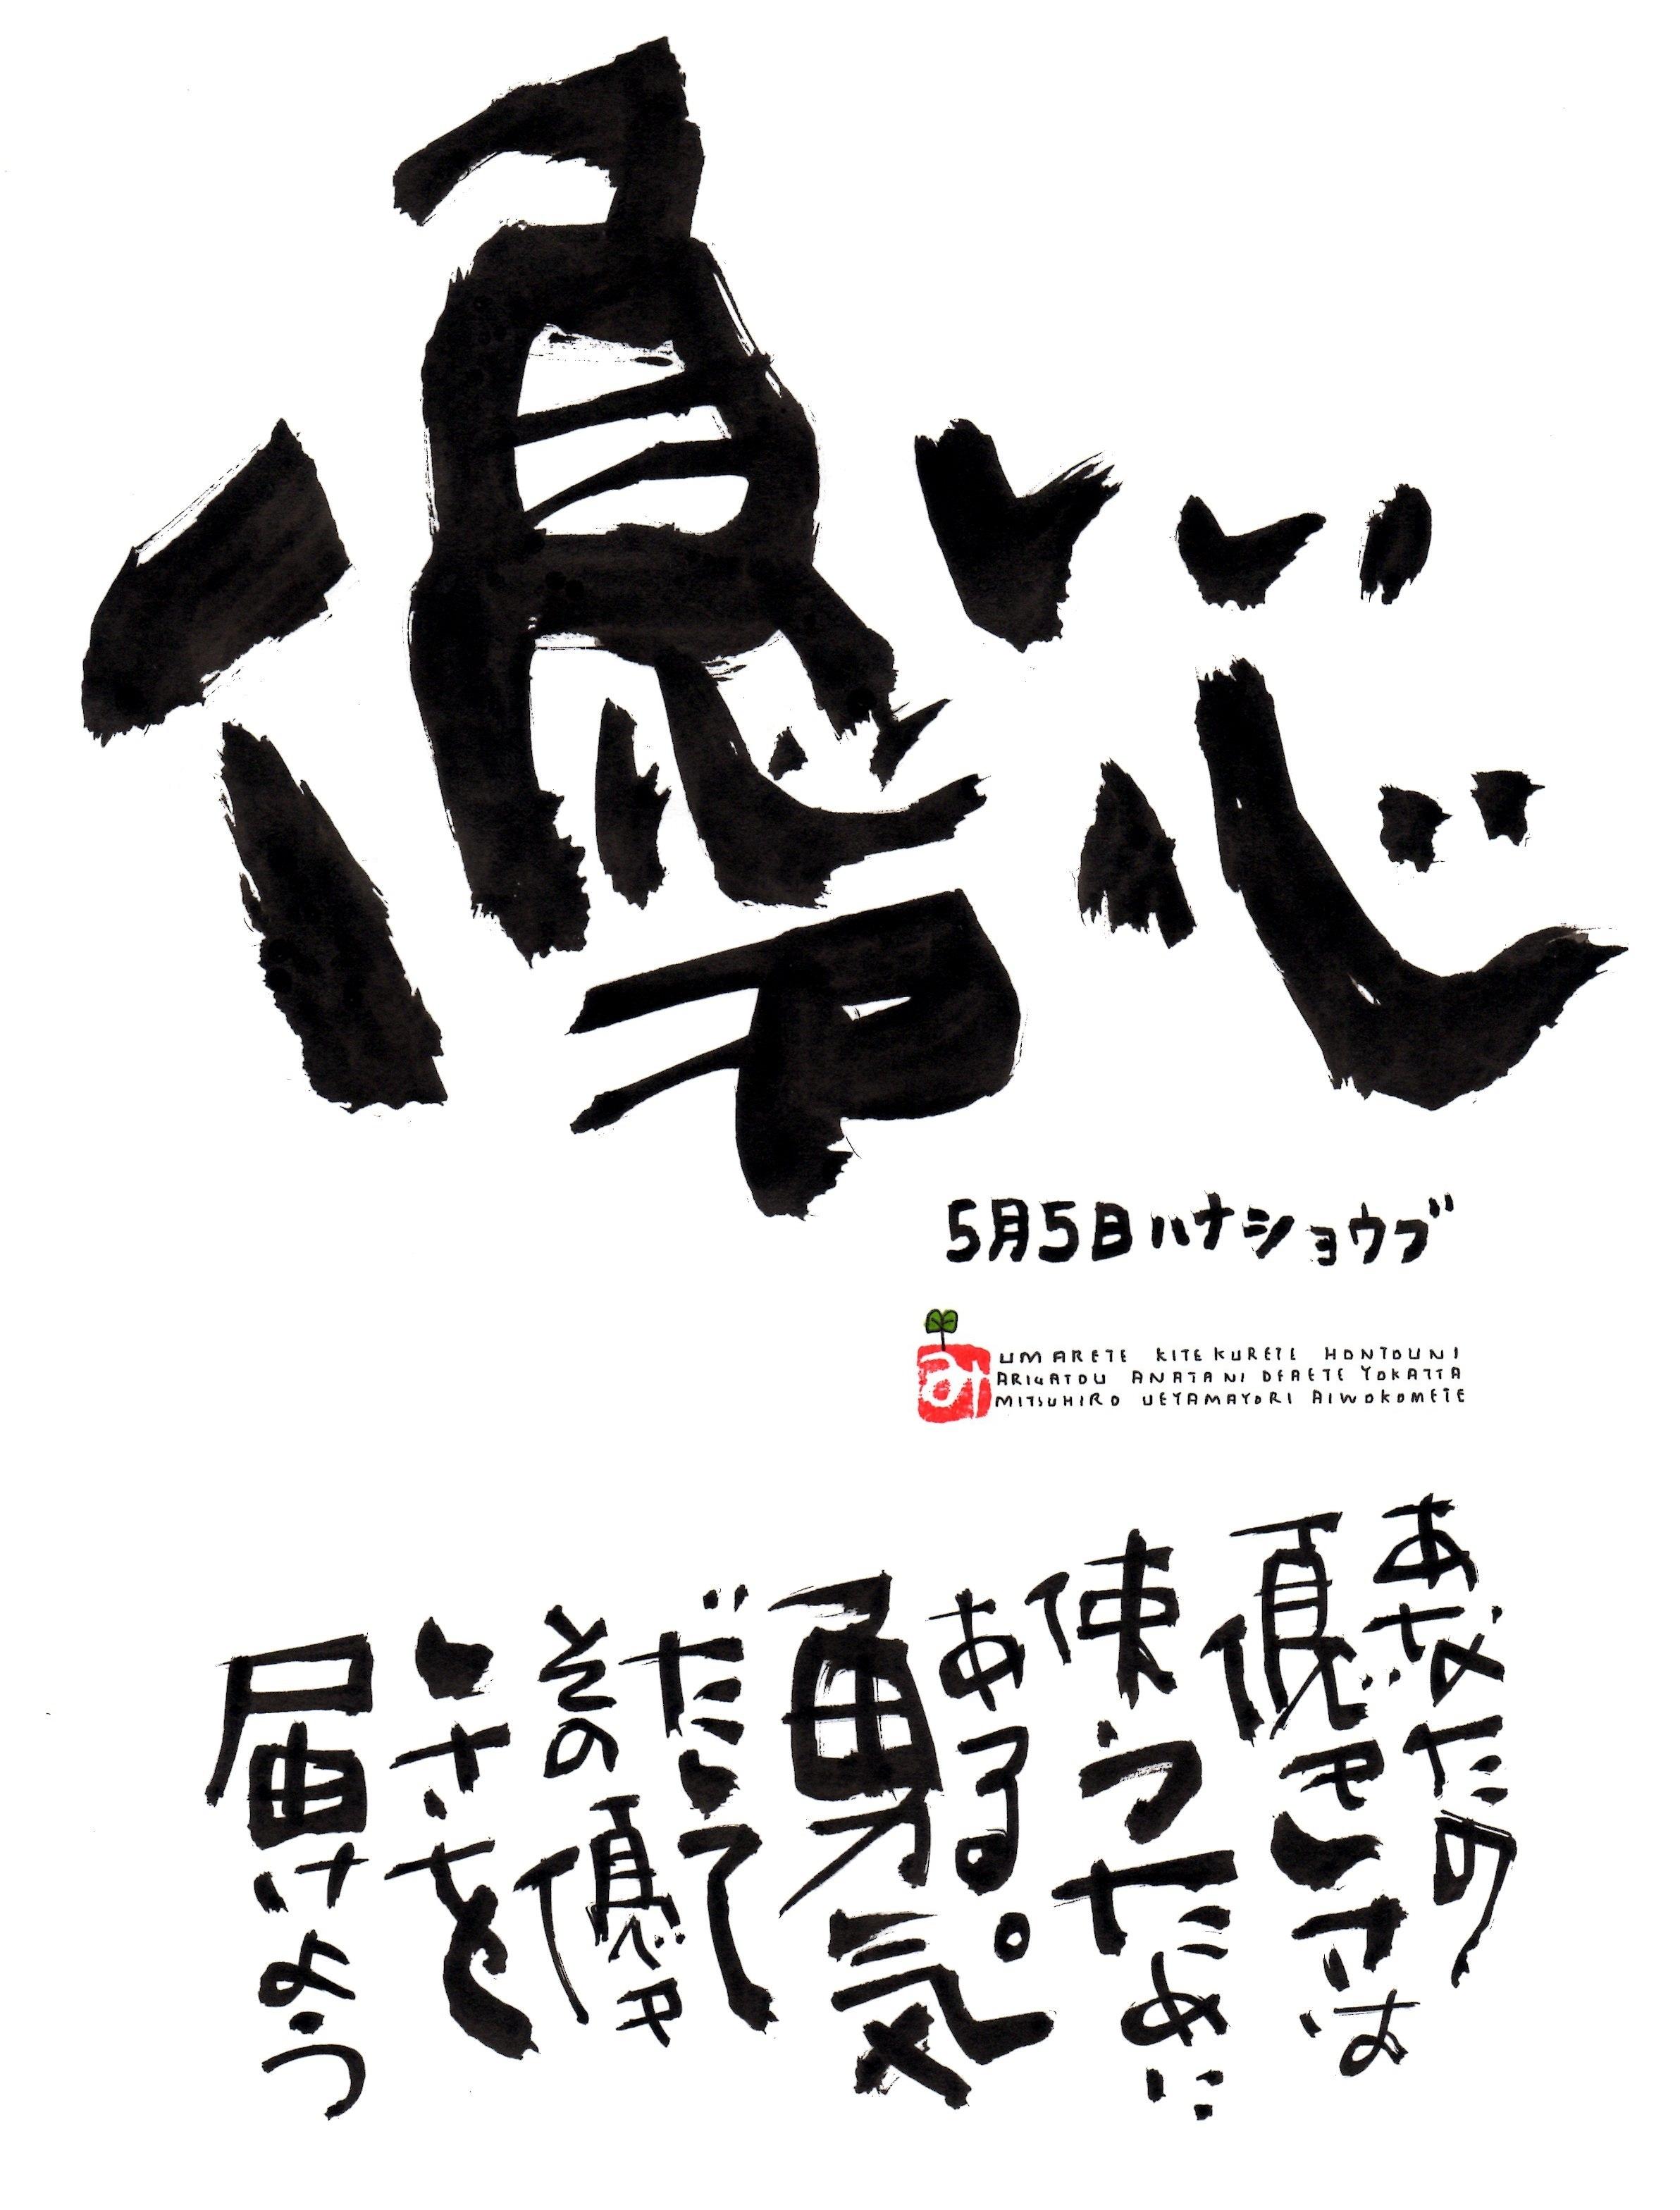 5月5日 誕生日ポストカード【優しい心】kind heart